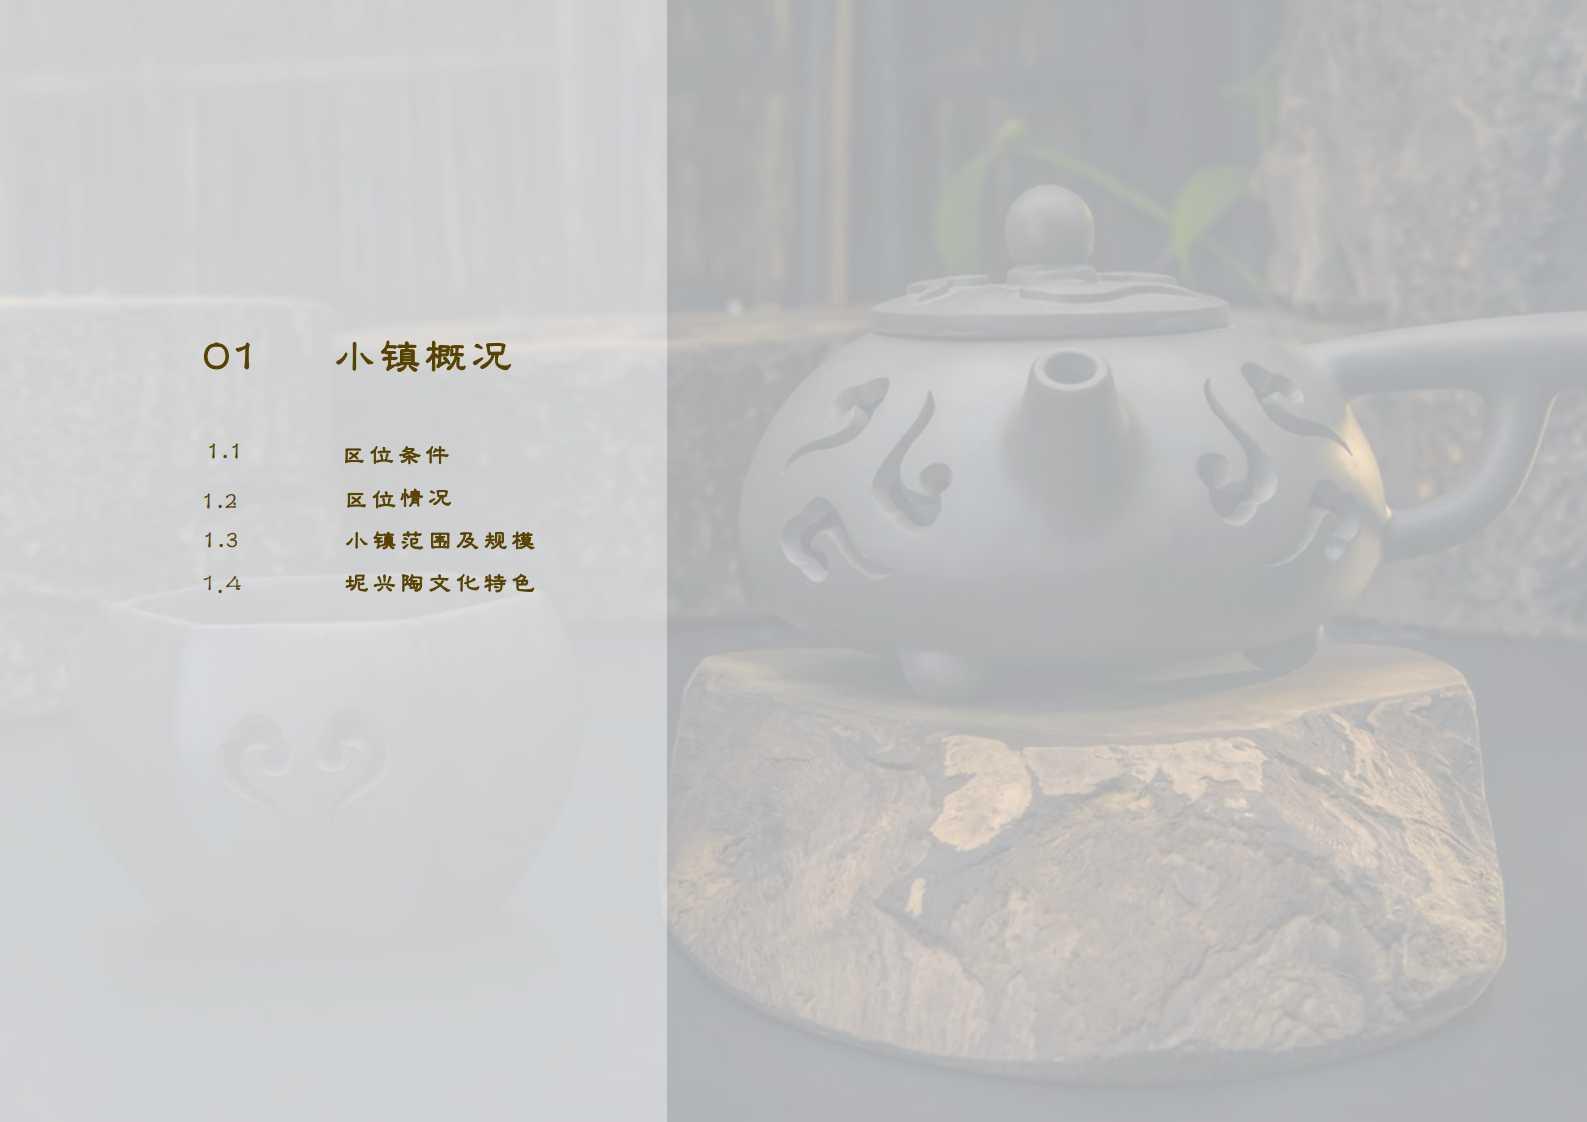 钦州坭兴陶特色小镇项目简介(4)_02.png